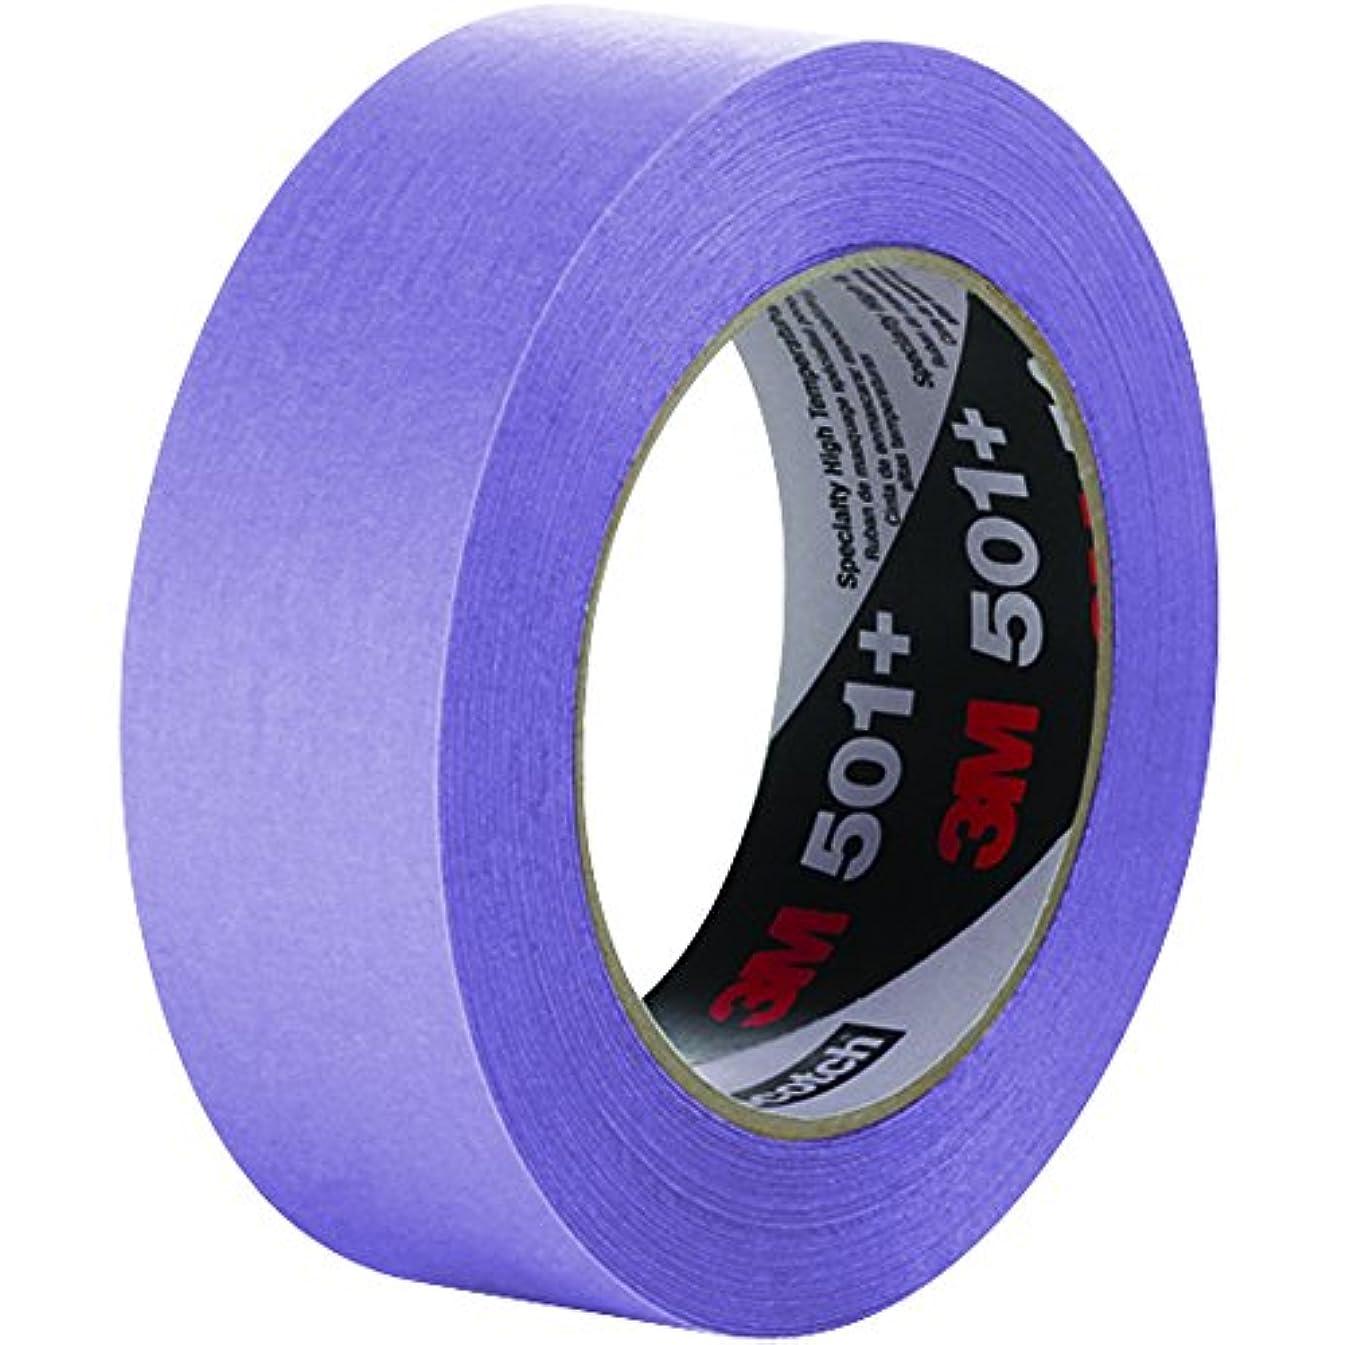 3M501+ Masking Tape, 3/4